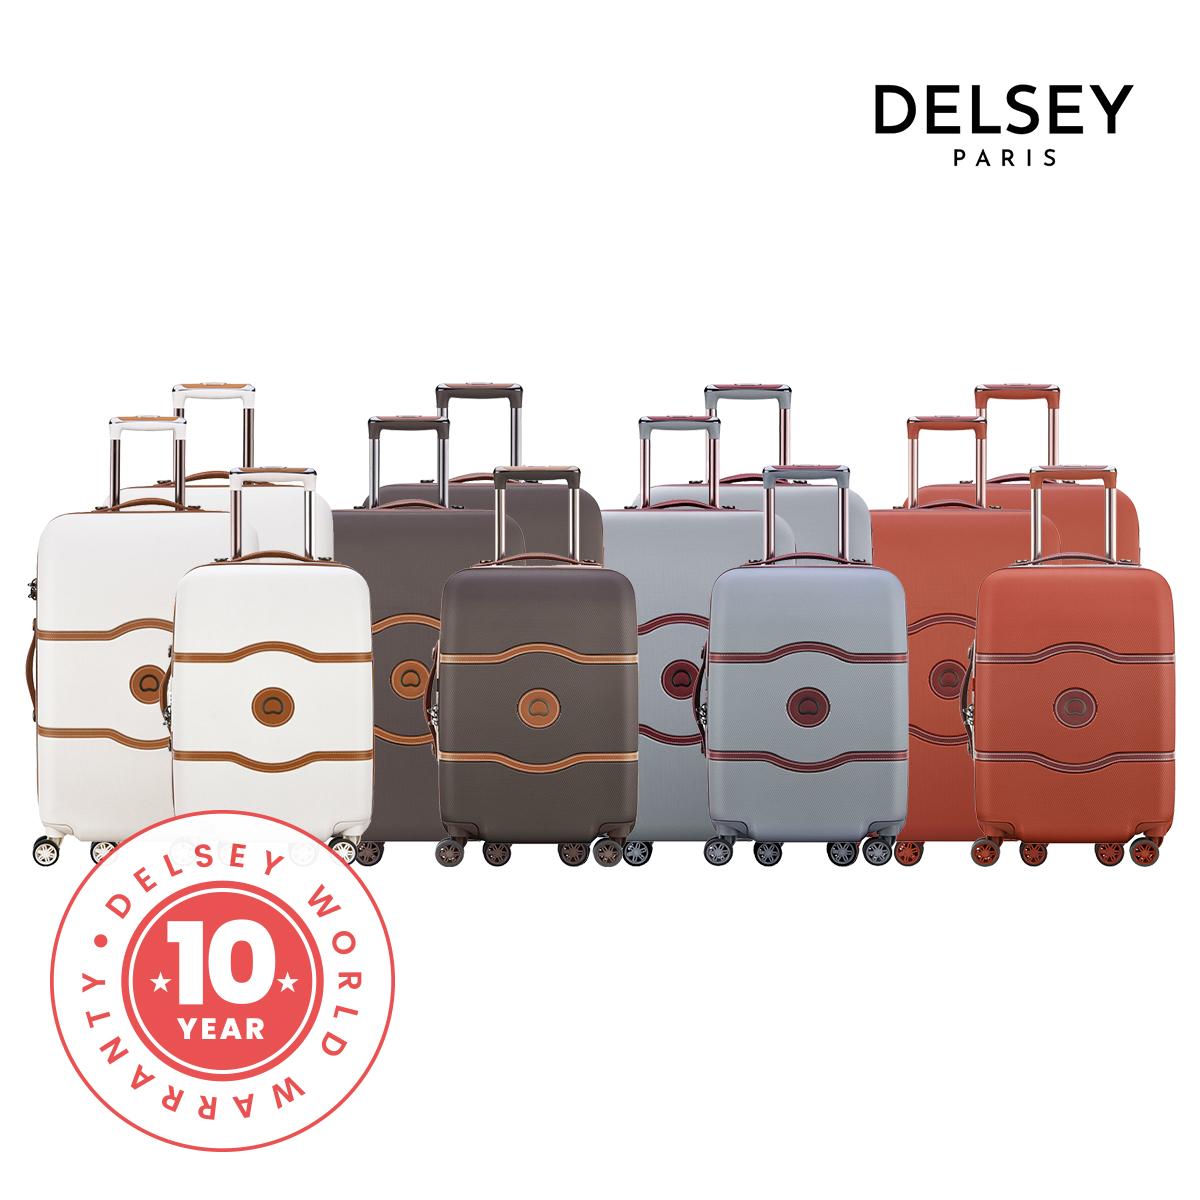 [델시]DELSEY - 샤틀렛 에어 55+67+77/3종세트 여행용캐리어 프리미엄 하드